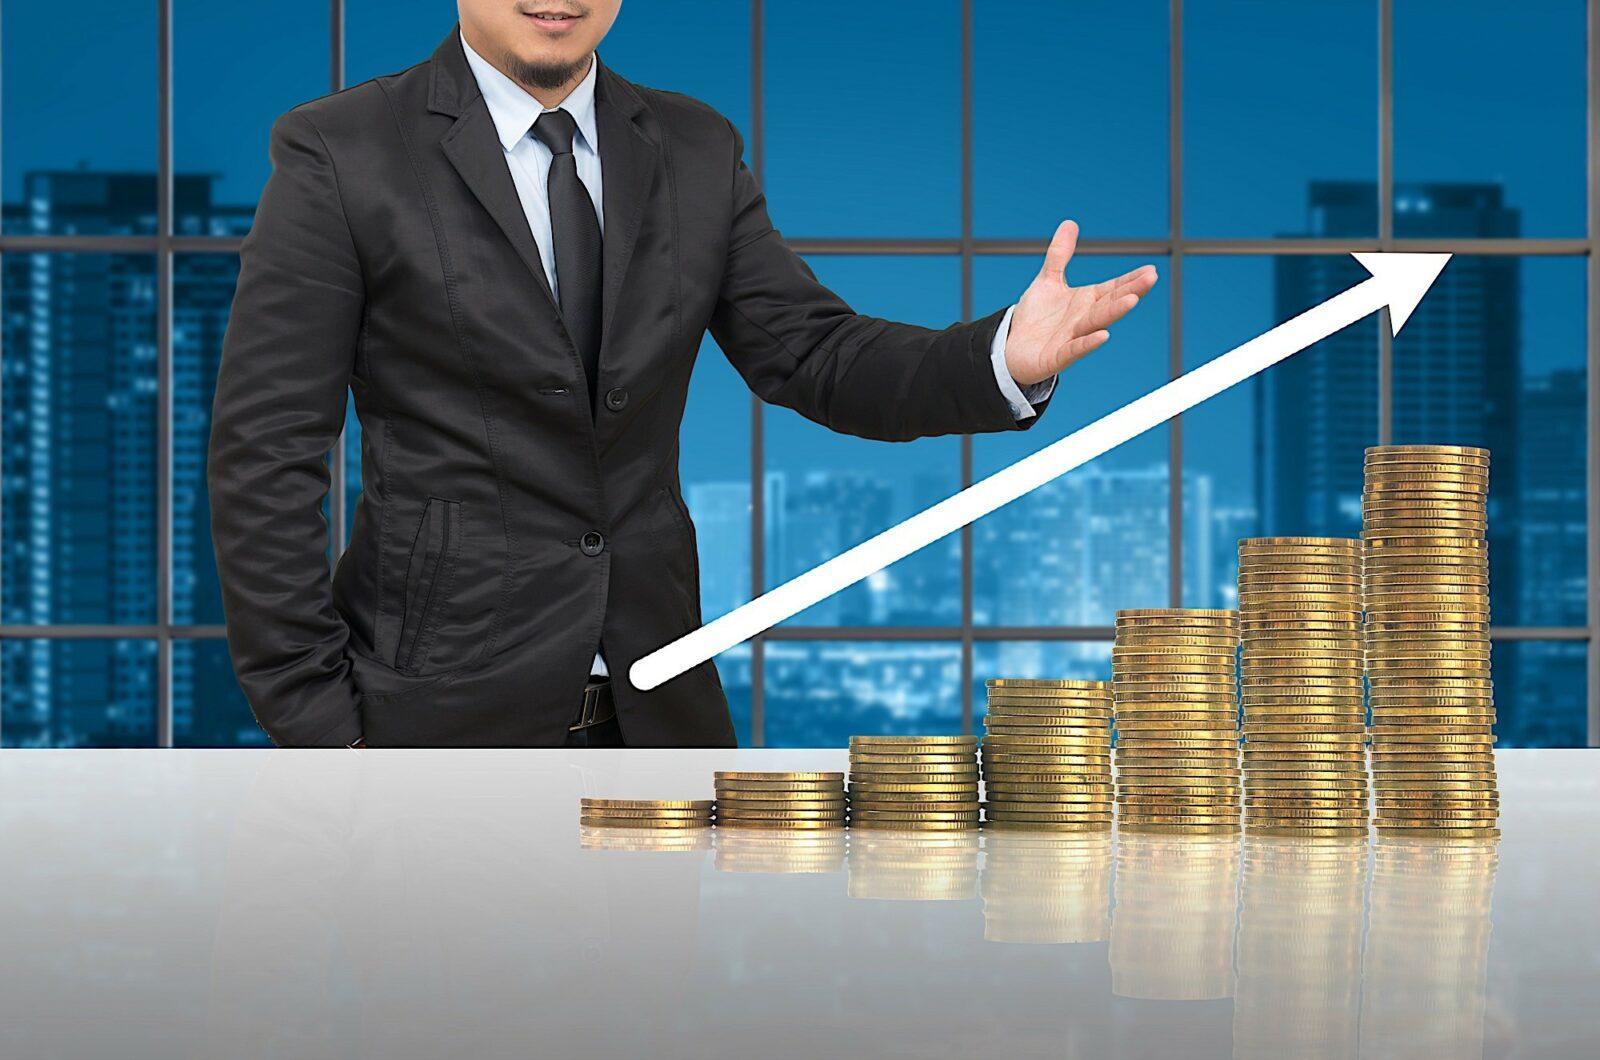 Инвестирование - не одно и то же, что спекуляция